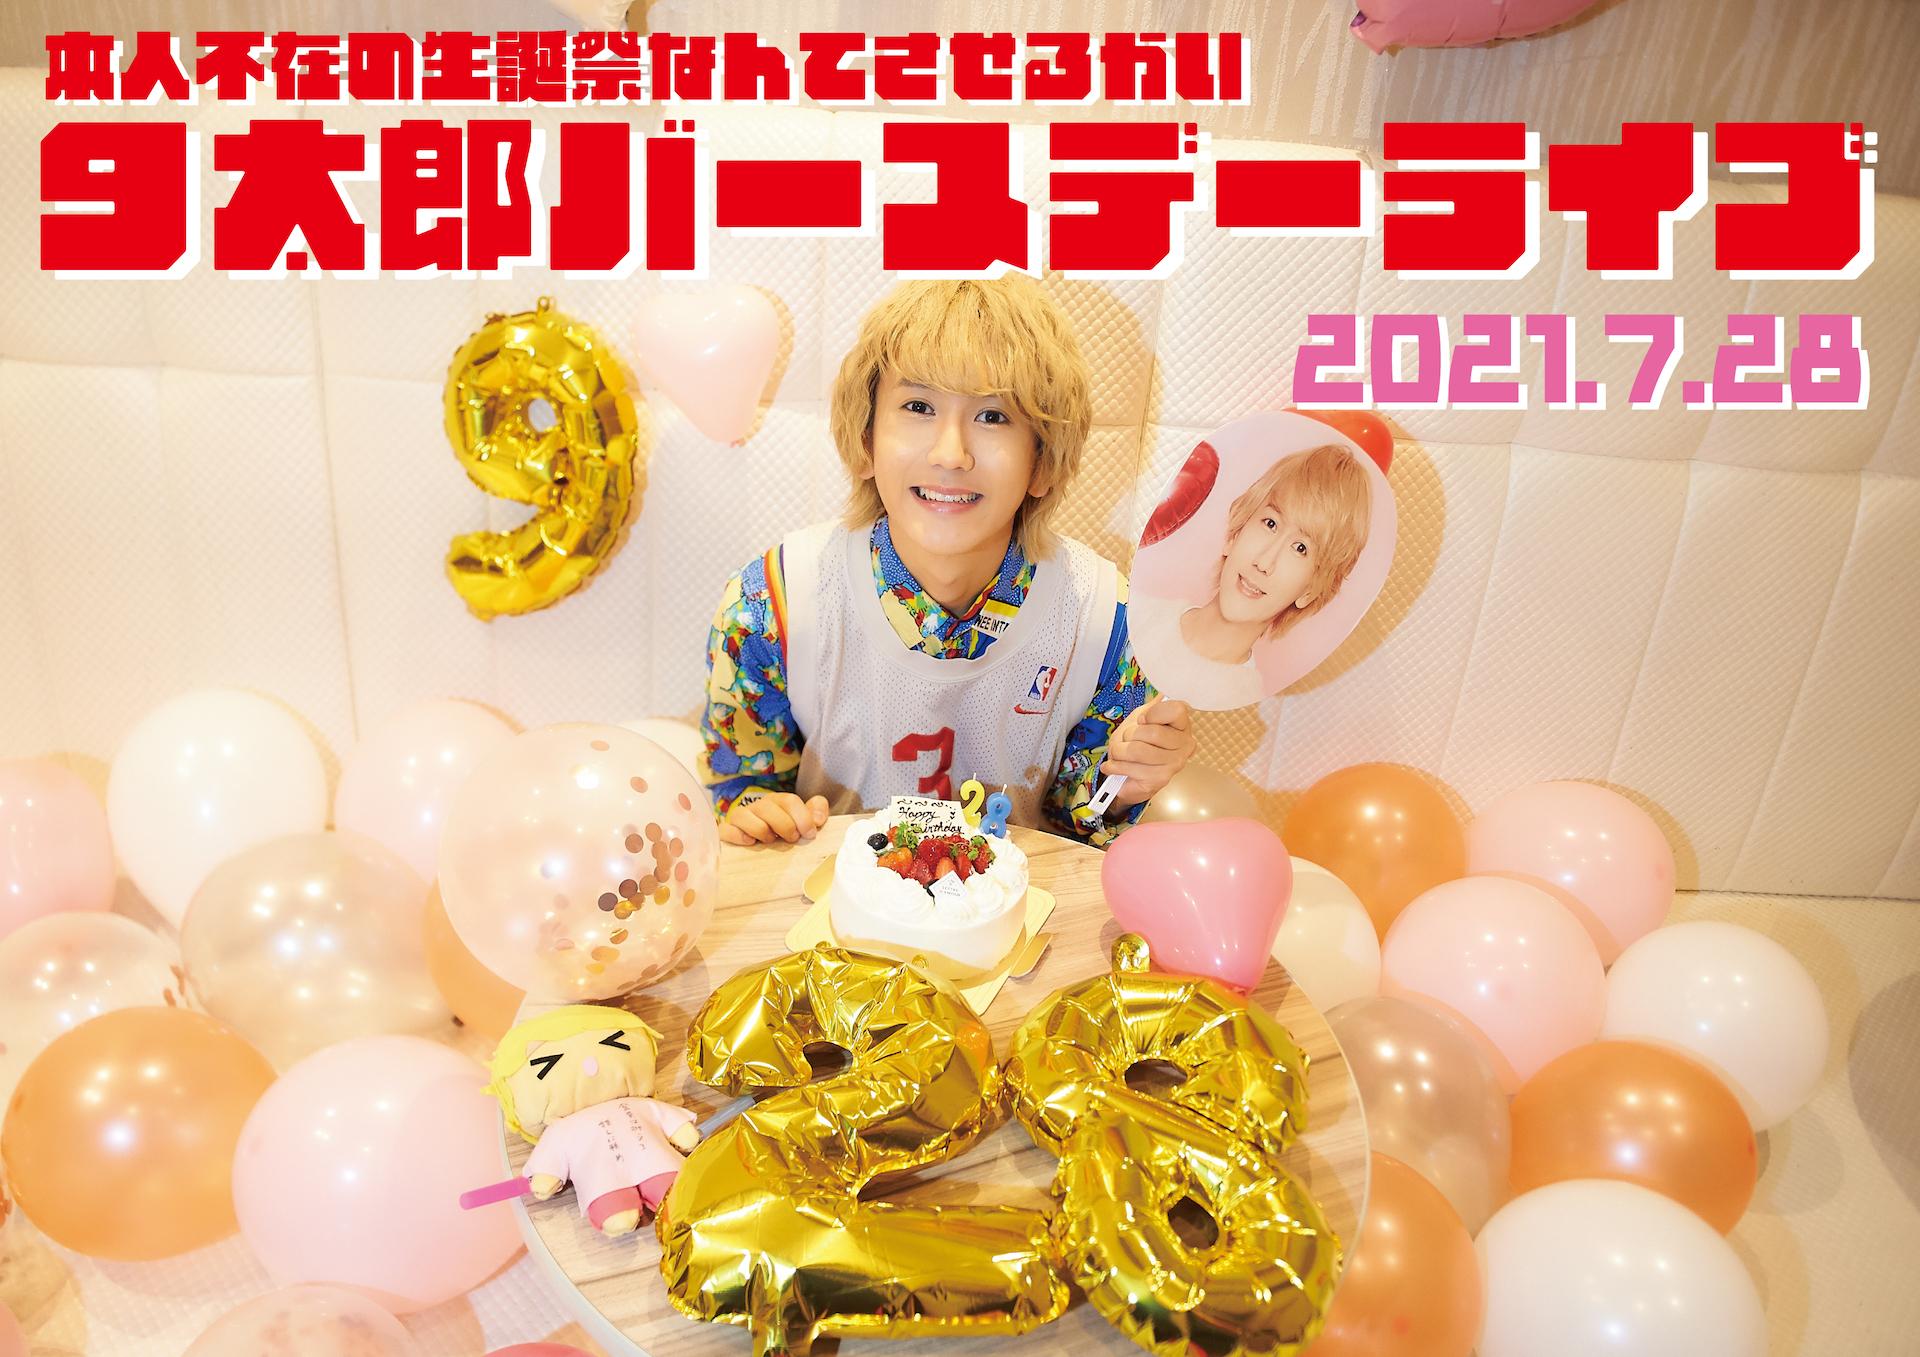 【お知らせ】7/28(水)9太郎生誕「本人不在の生誕祭なんてさせるかい!9太郎バースデーライブ」ご来場のお客様へのご協力のお願い